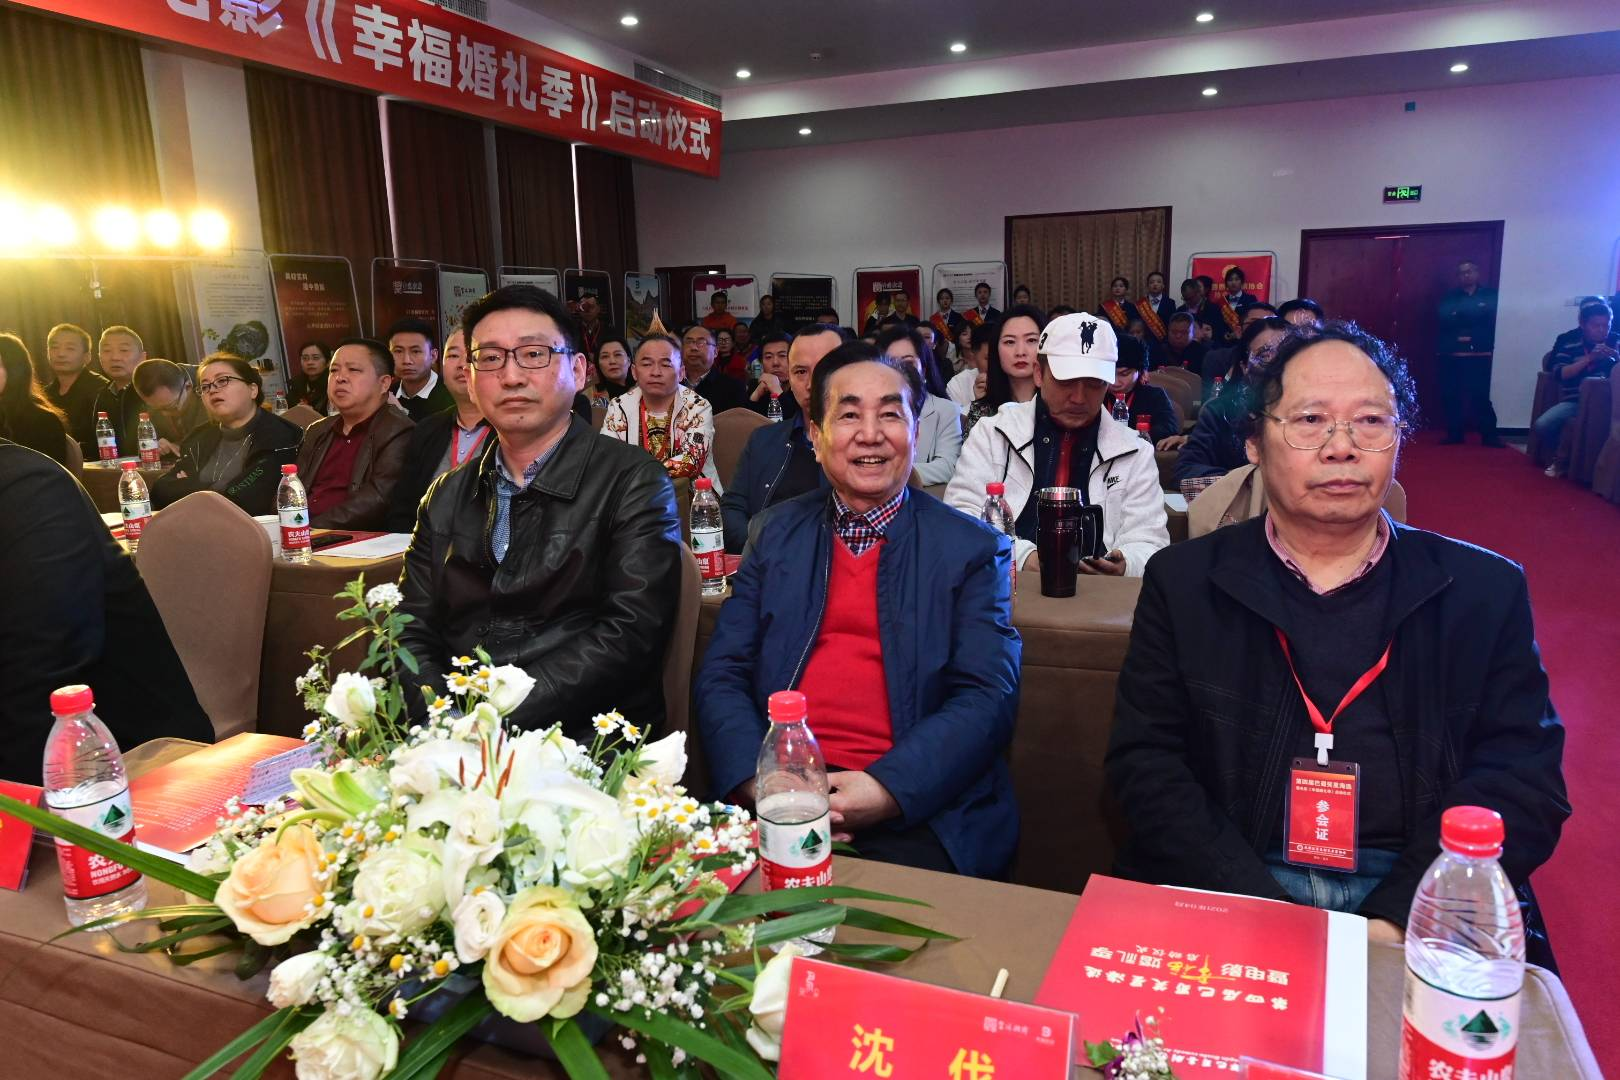 第四届巴蜀笑星暨《幸福婚礼季》电影演员启动海选